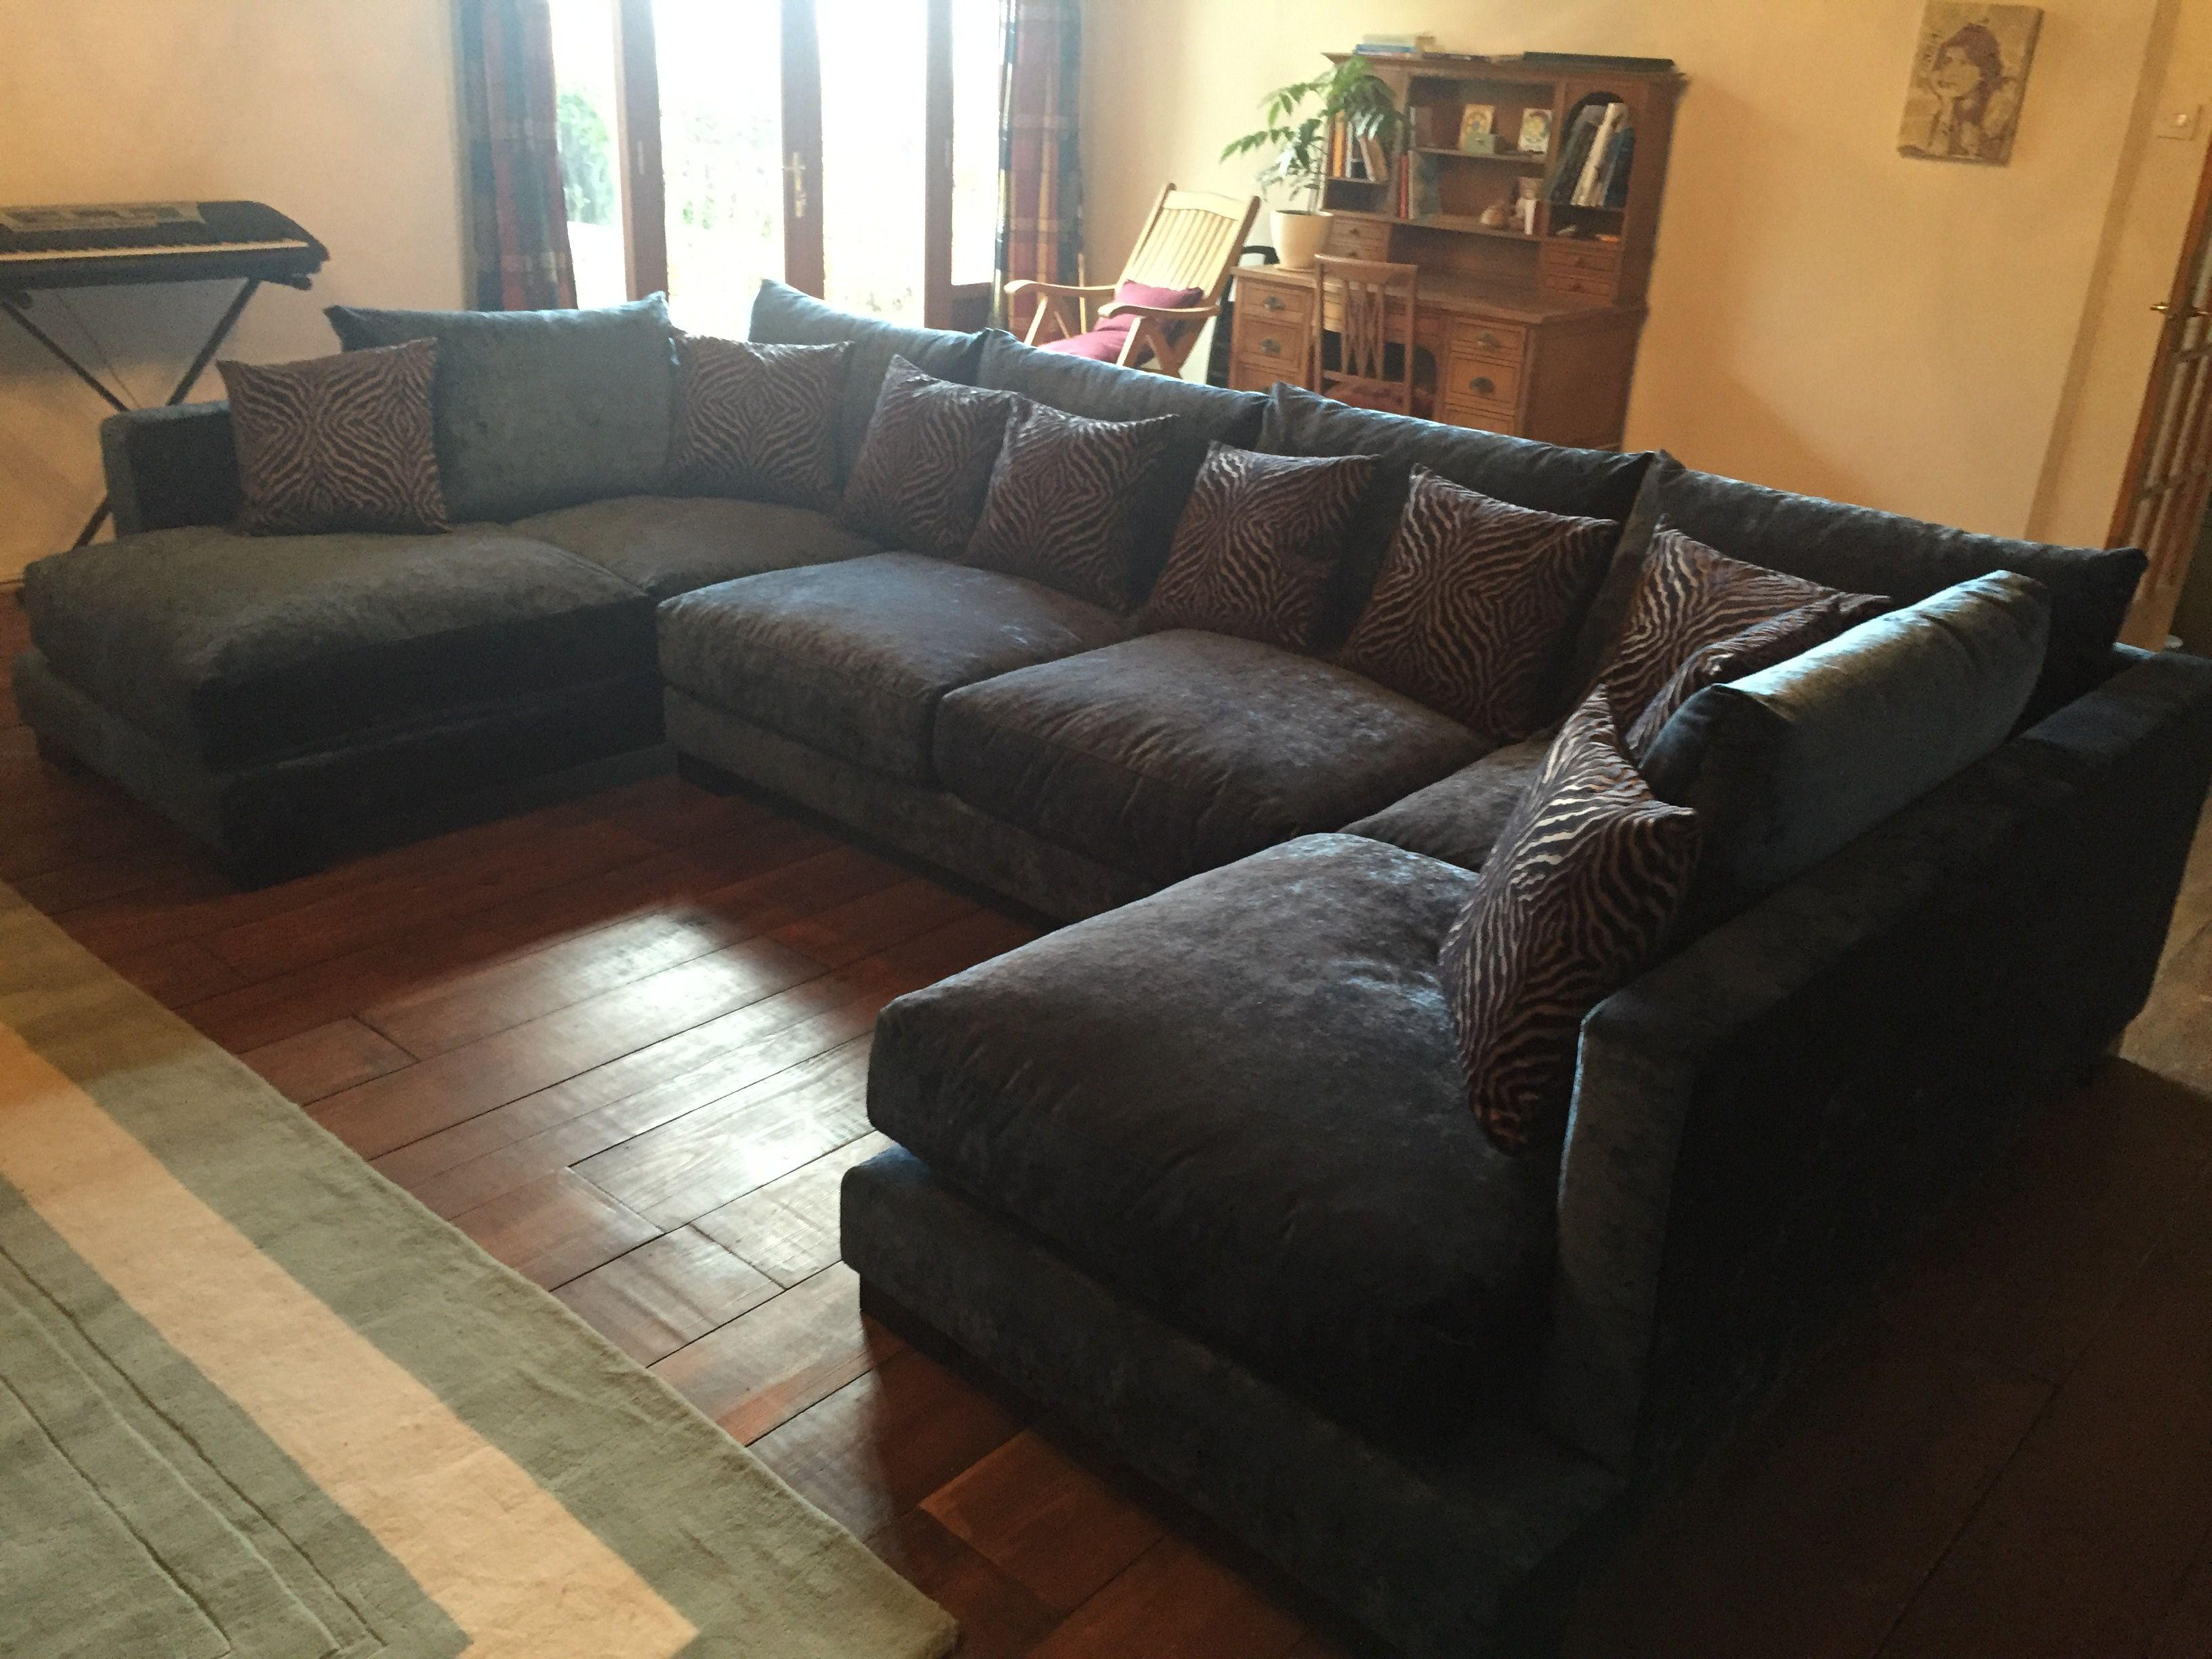 squashy sofas uk navy blue microfiber sofa u shaped 355 cm wide x 205 each side  cosas